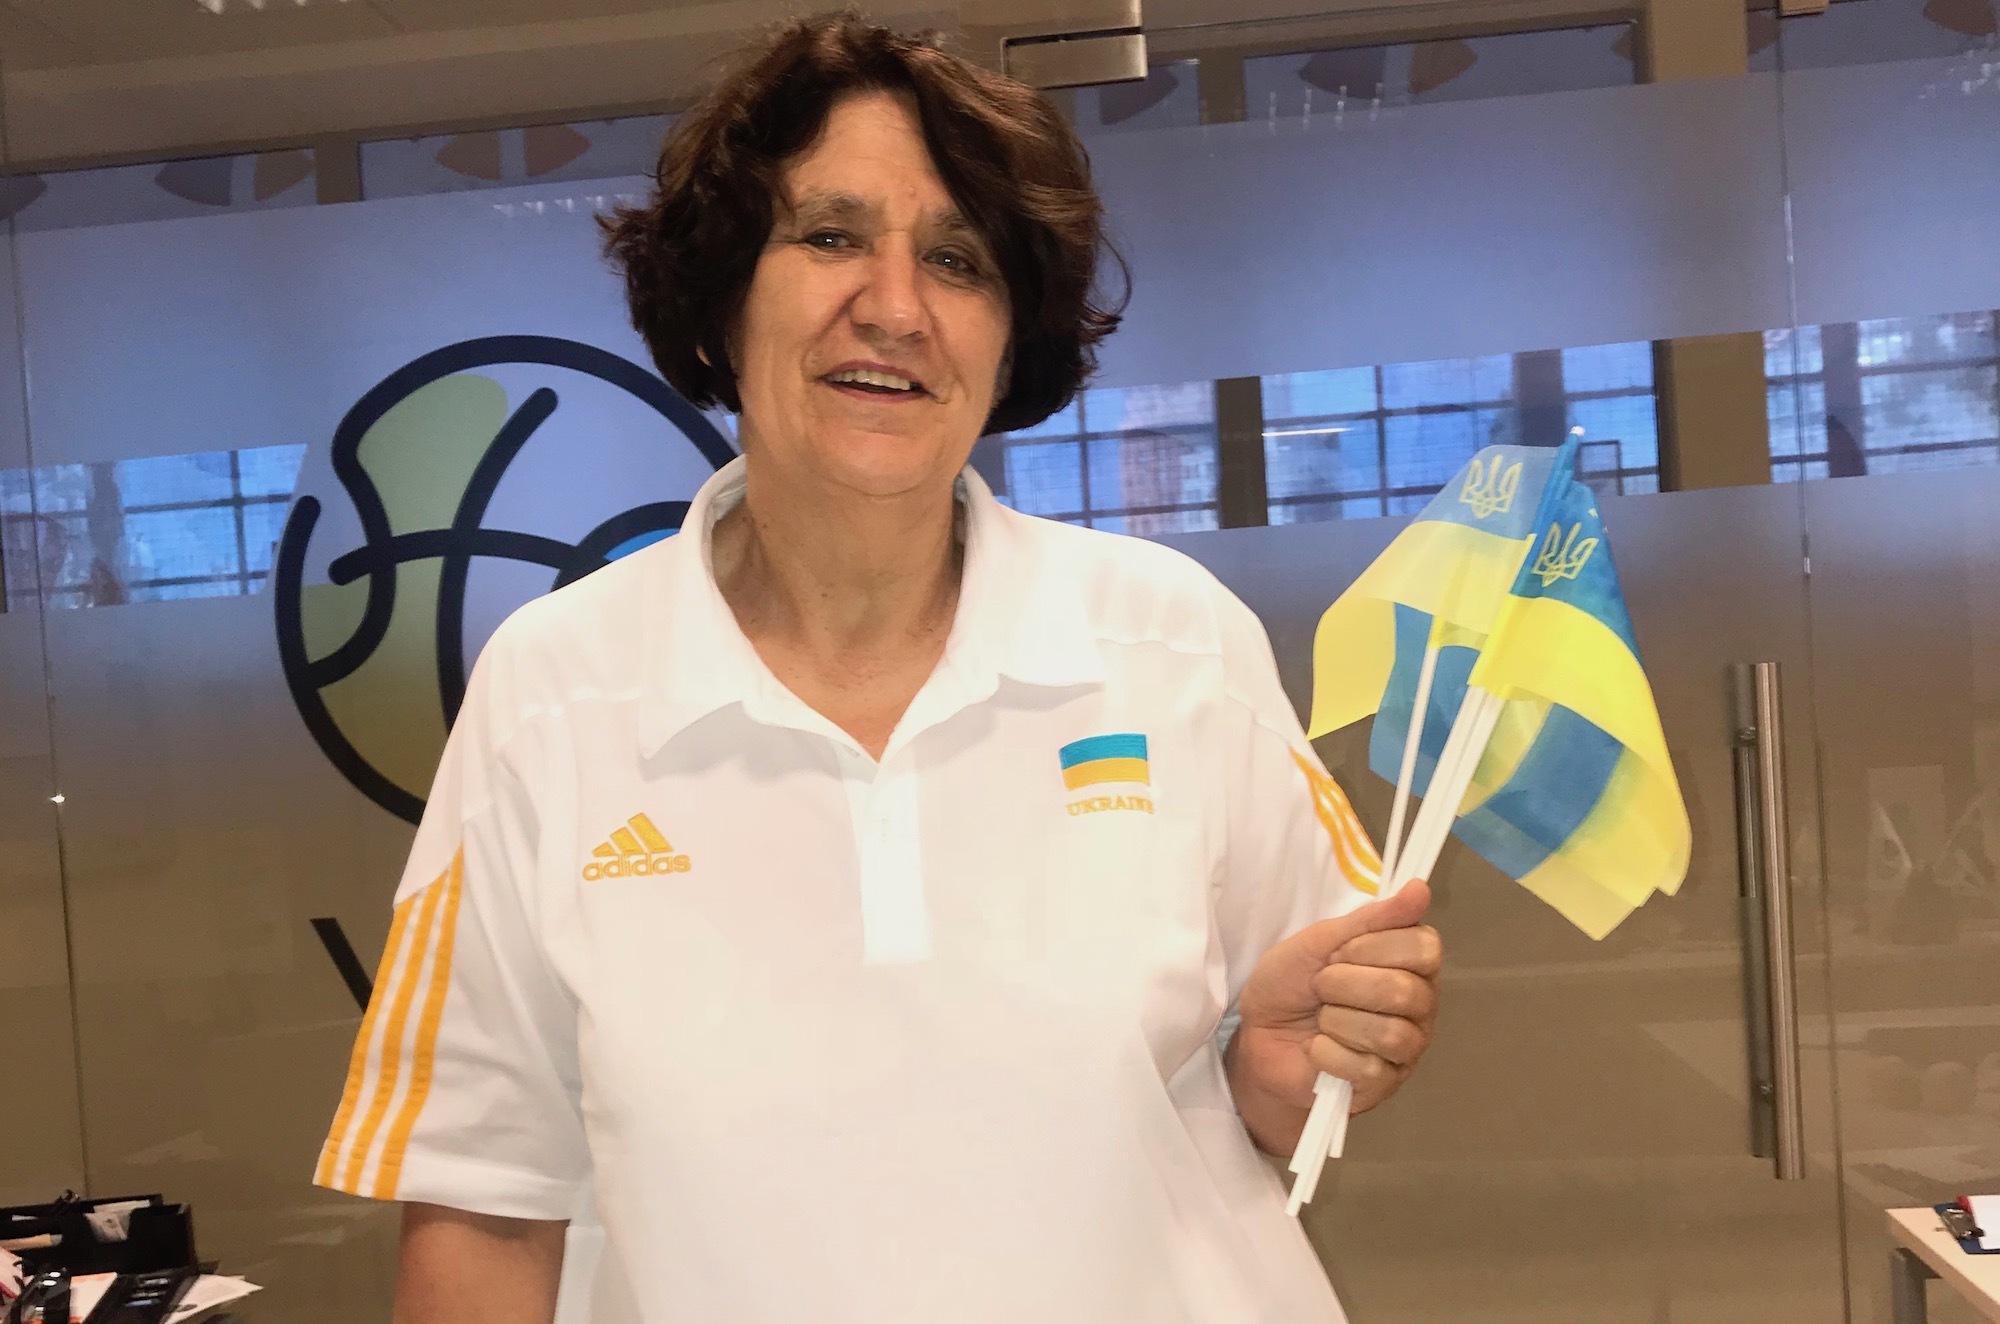 Лариса Шабанова: За цей рік ми зробили перший і вагомий крок з упорядкування системи аматорських змагань